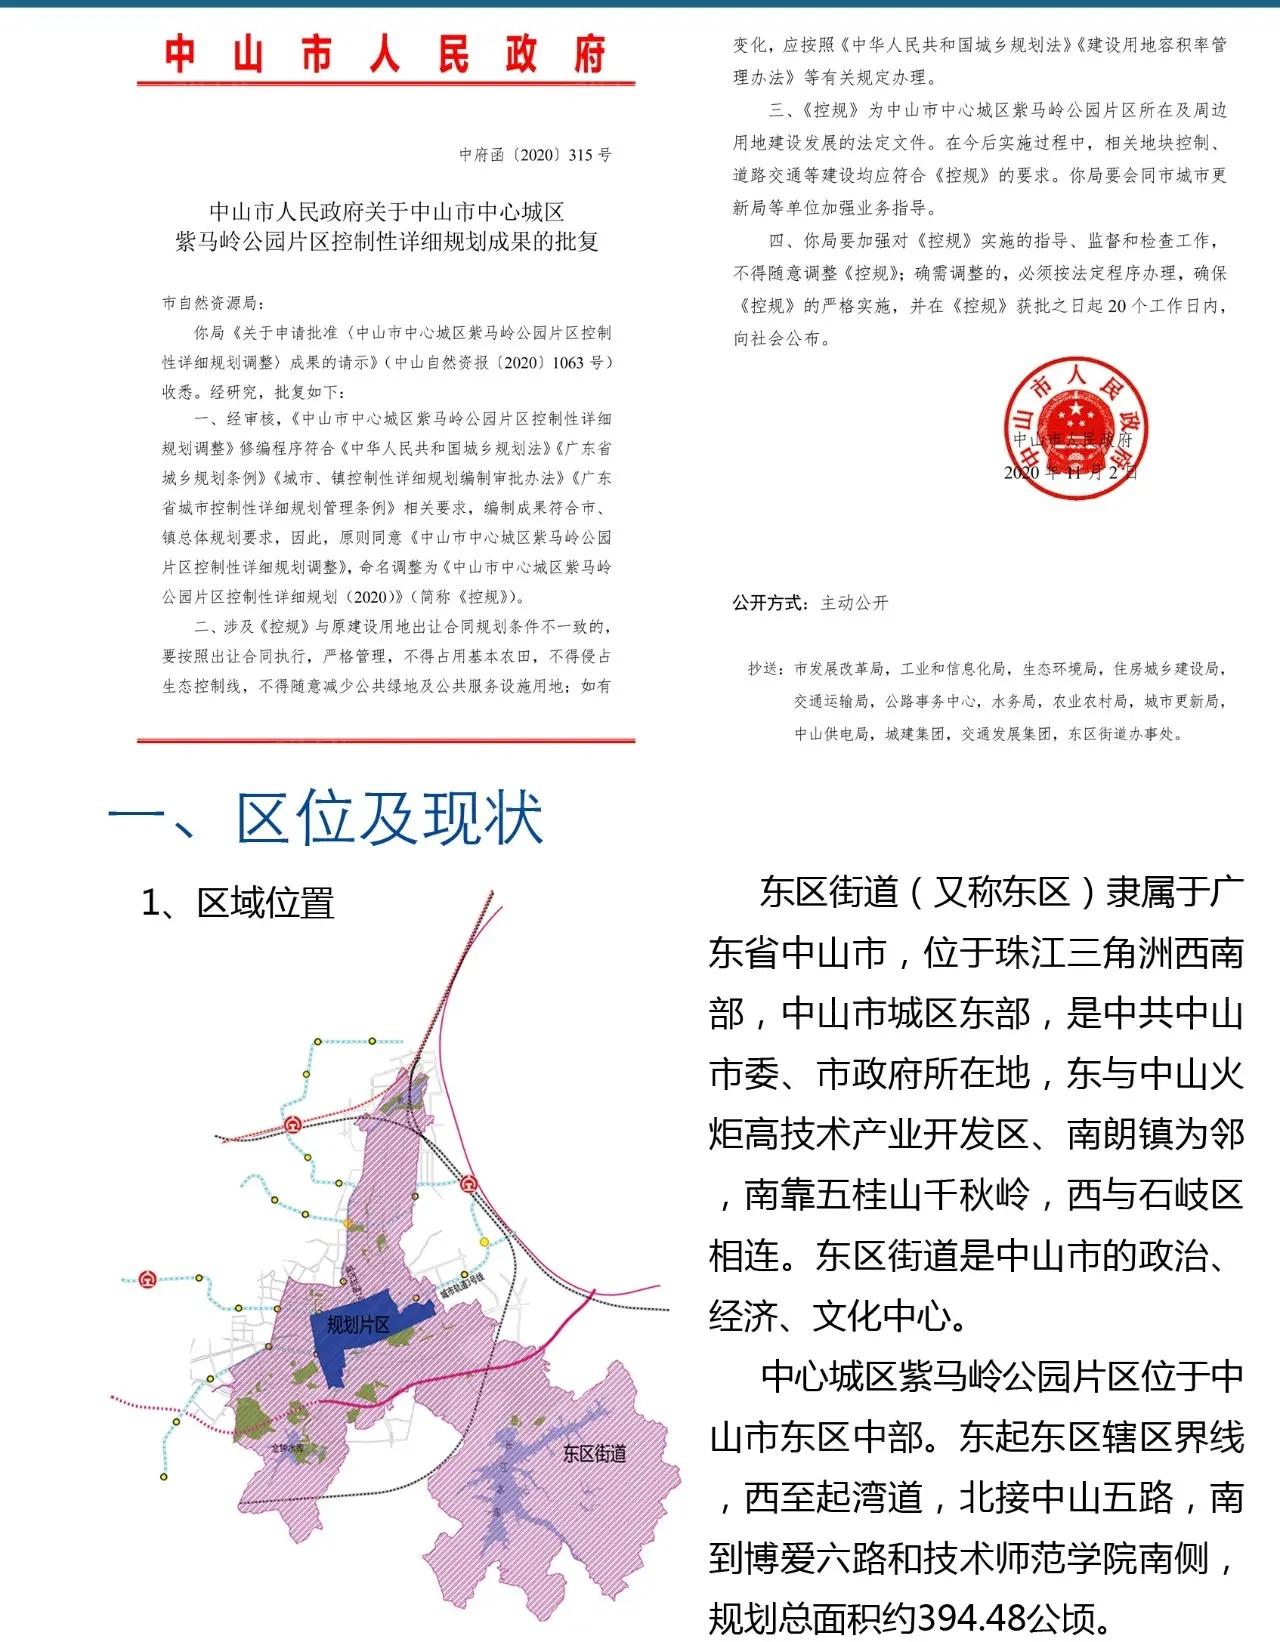 紫马岭公园片区规划完整版